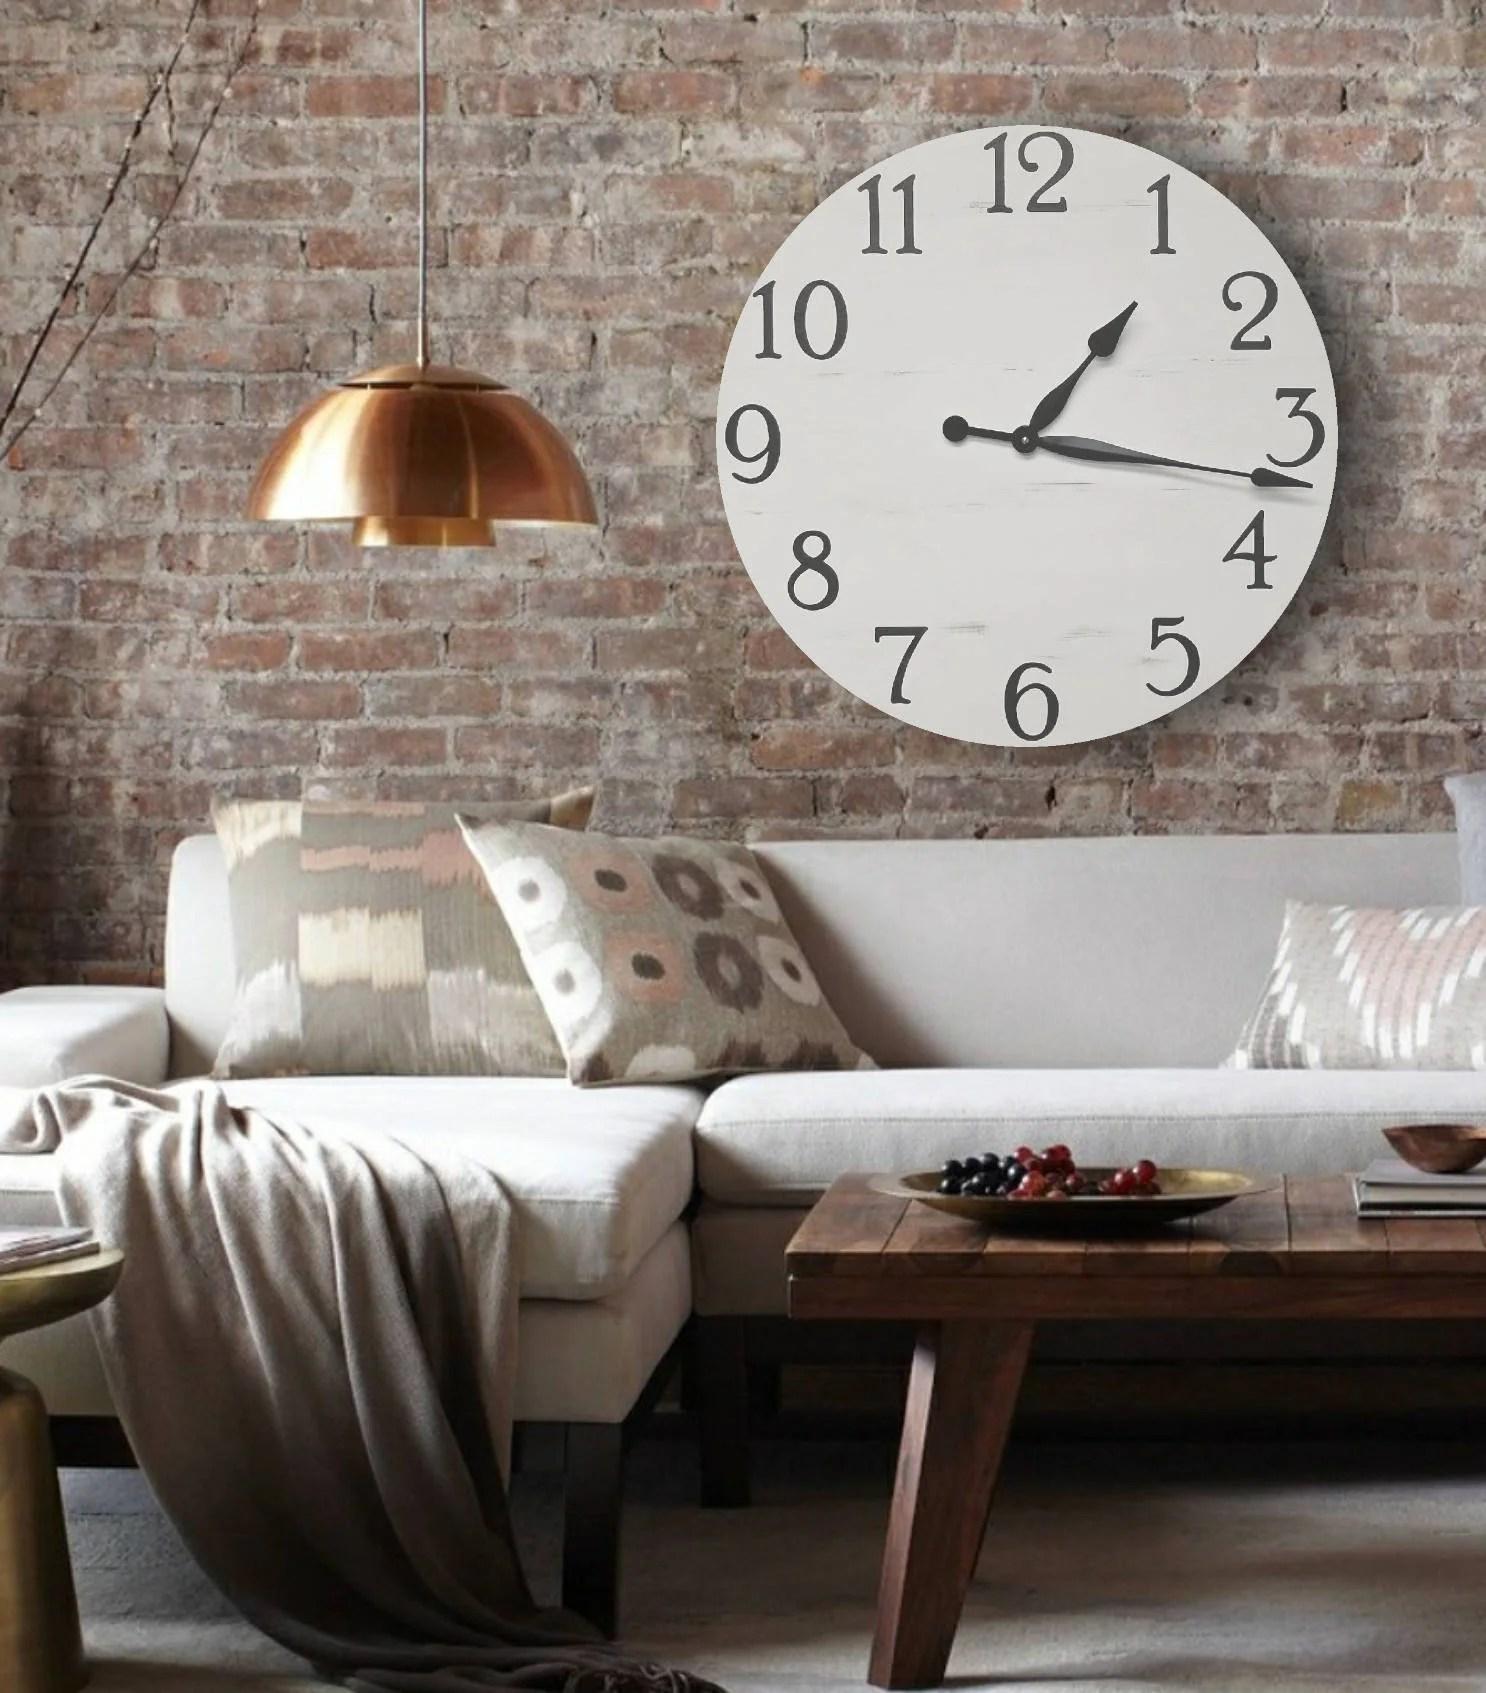 The Camilla Farmhouse Clock Rustic Clock Oversized Wall Clock Big Clock Large Clock Farmhouse Decor Rustic Decor